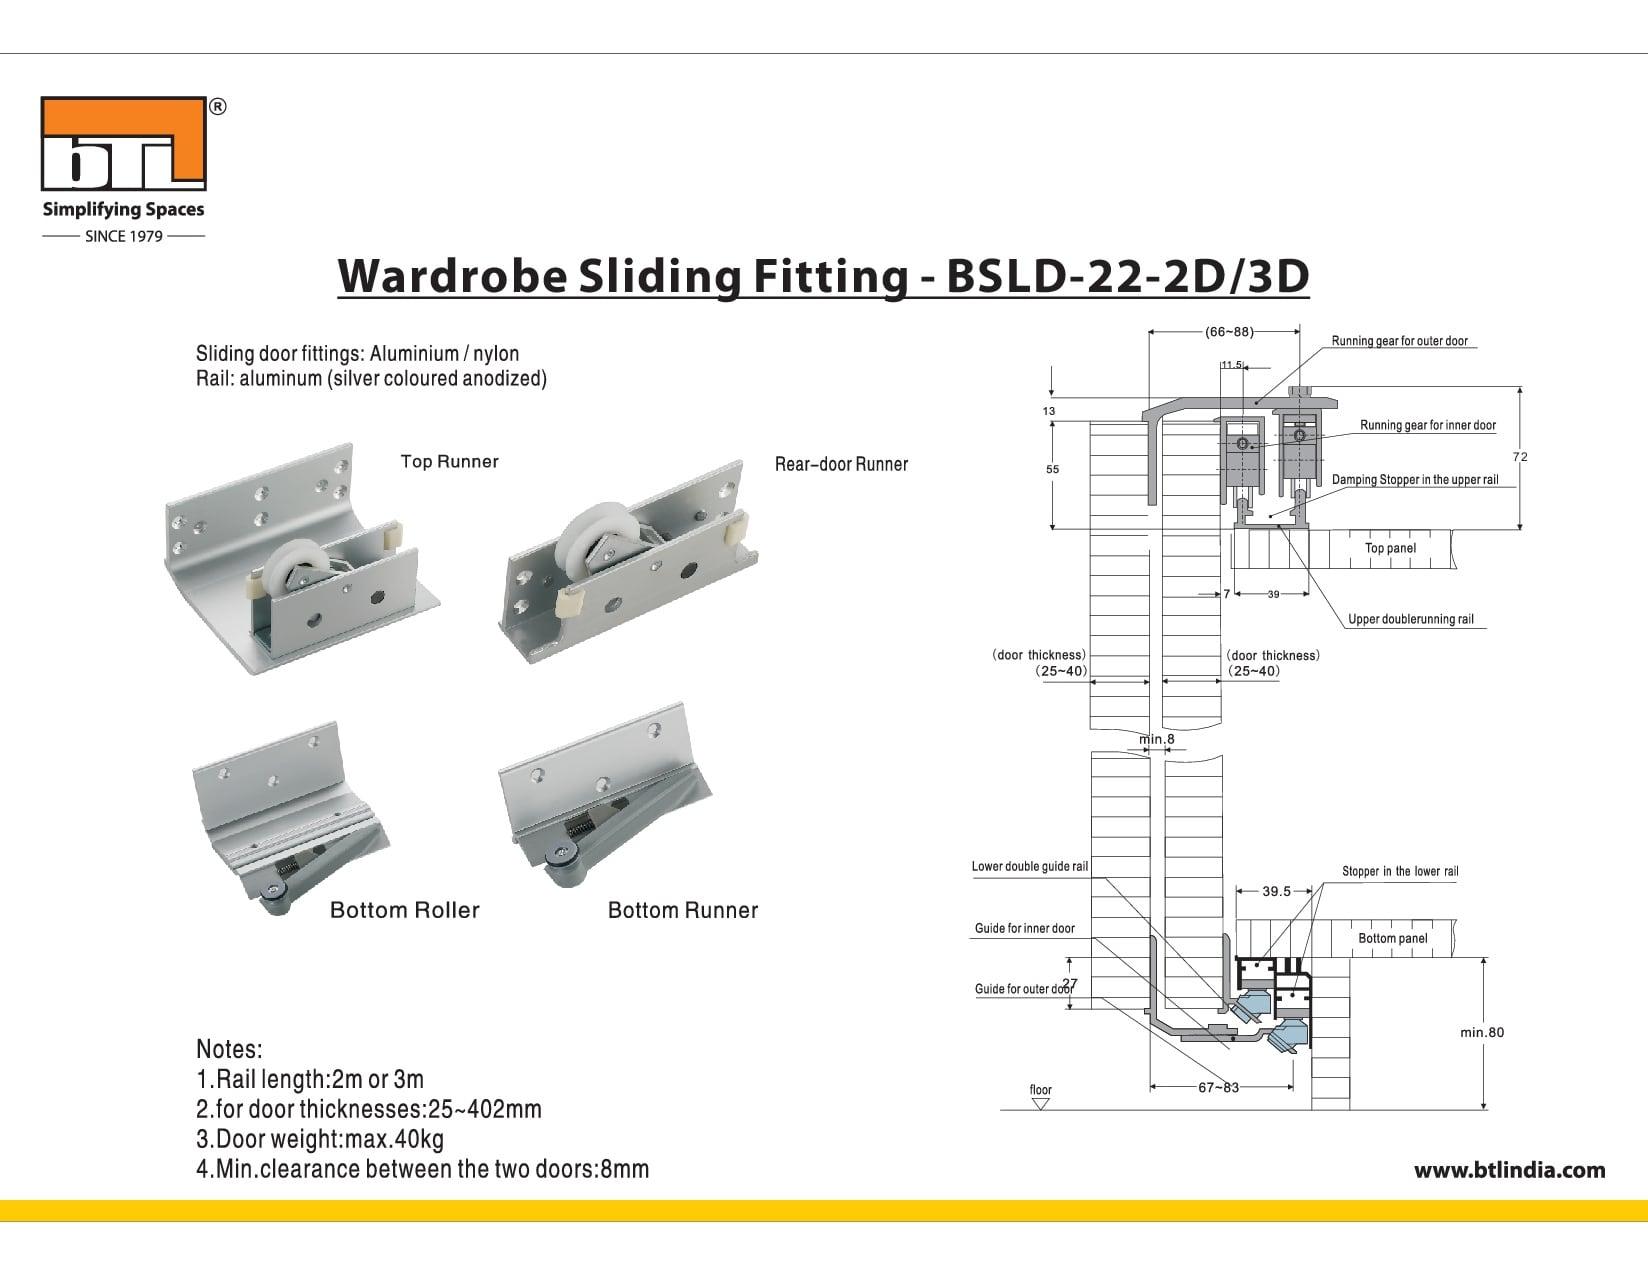 BTL  BSLD-22-2D Wardrobe Sliding Fitting 2 Doors - Specifications